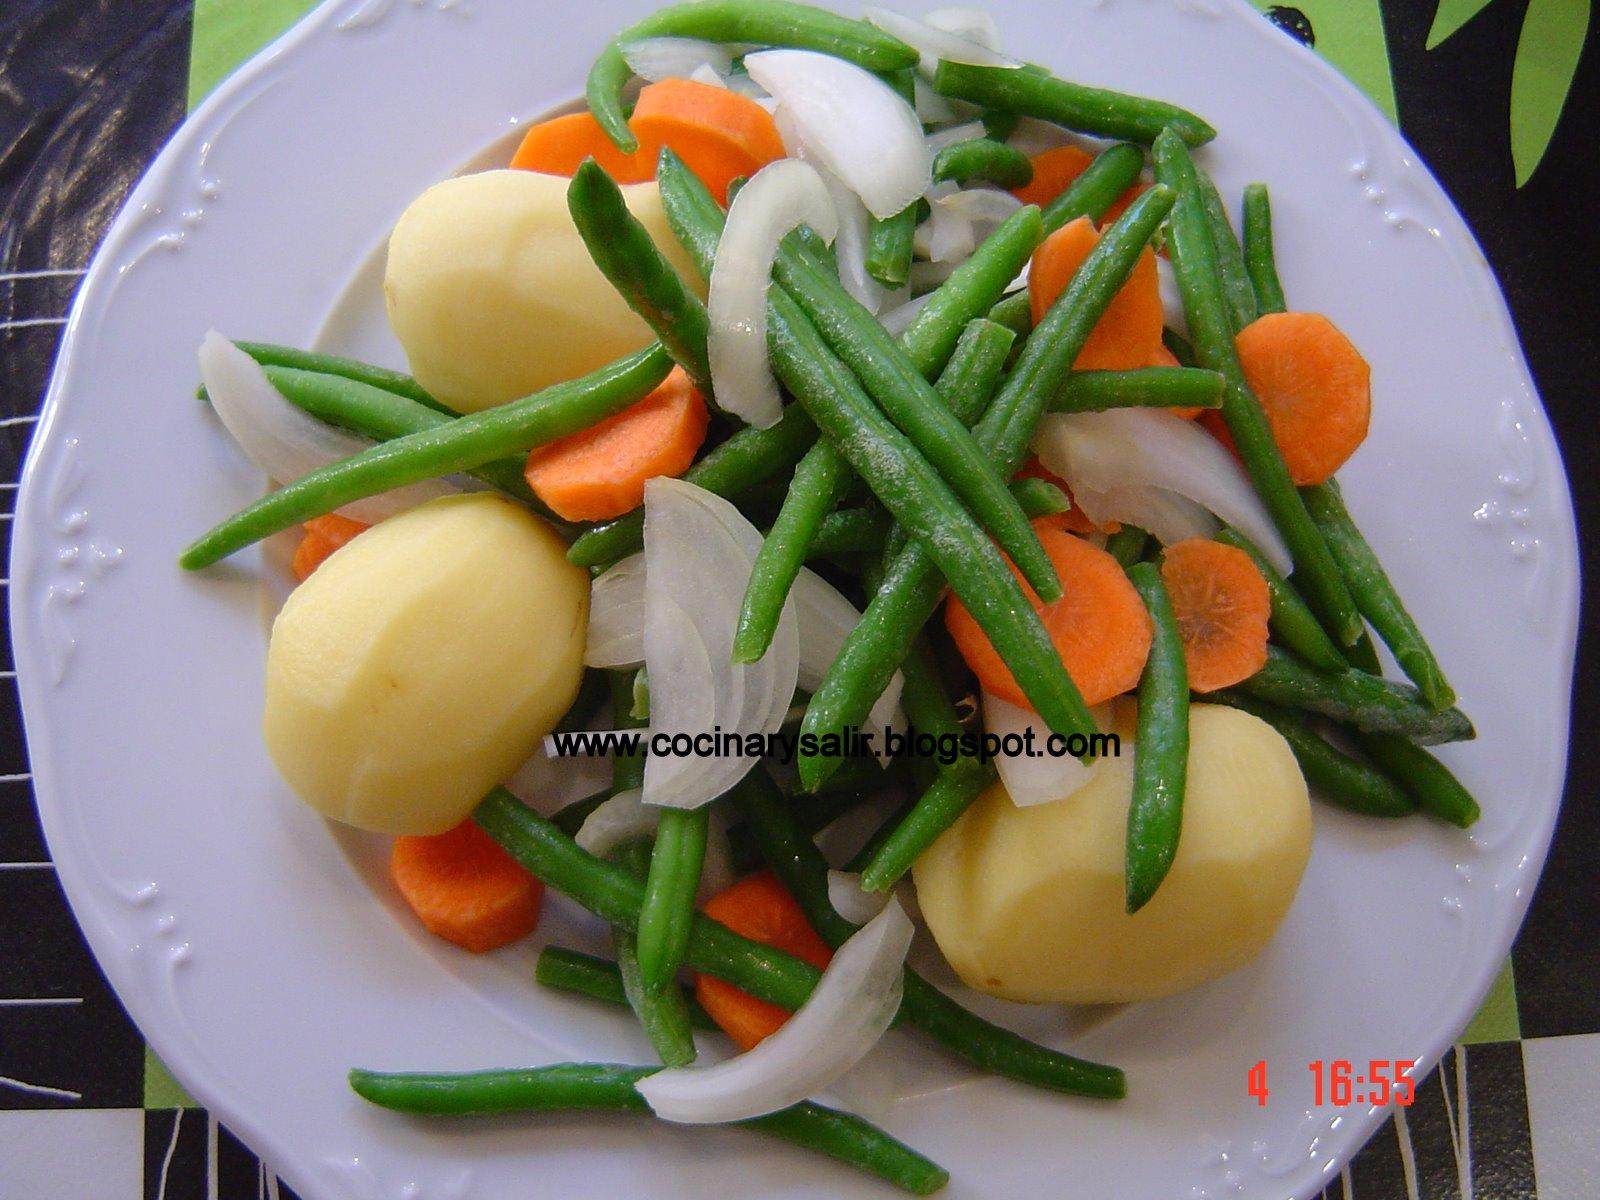 Cocinar y salir jud as verdes con patatas hervido for Cocinar judias verdes